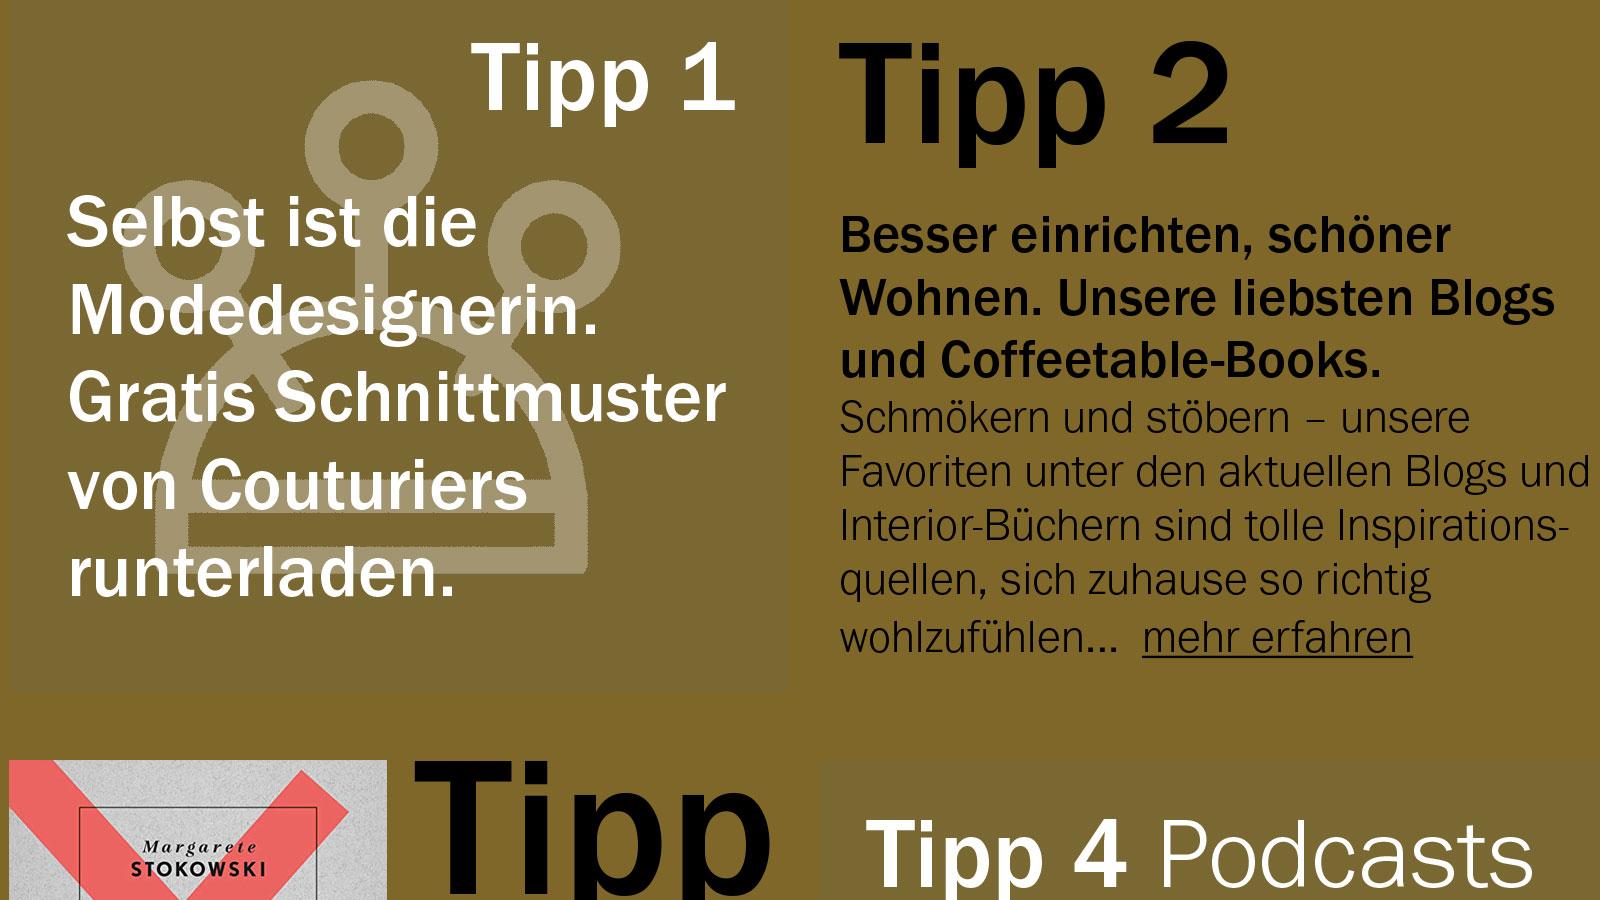 IN KÜRZE – Weiterführende Anregungen zum Thema Wohnen und Homeoffice